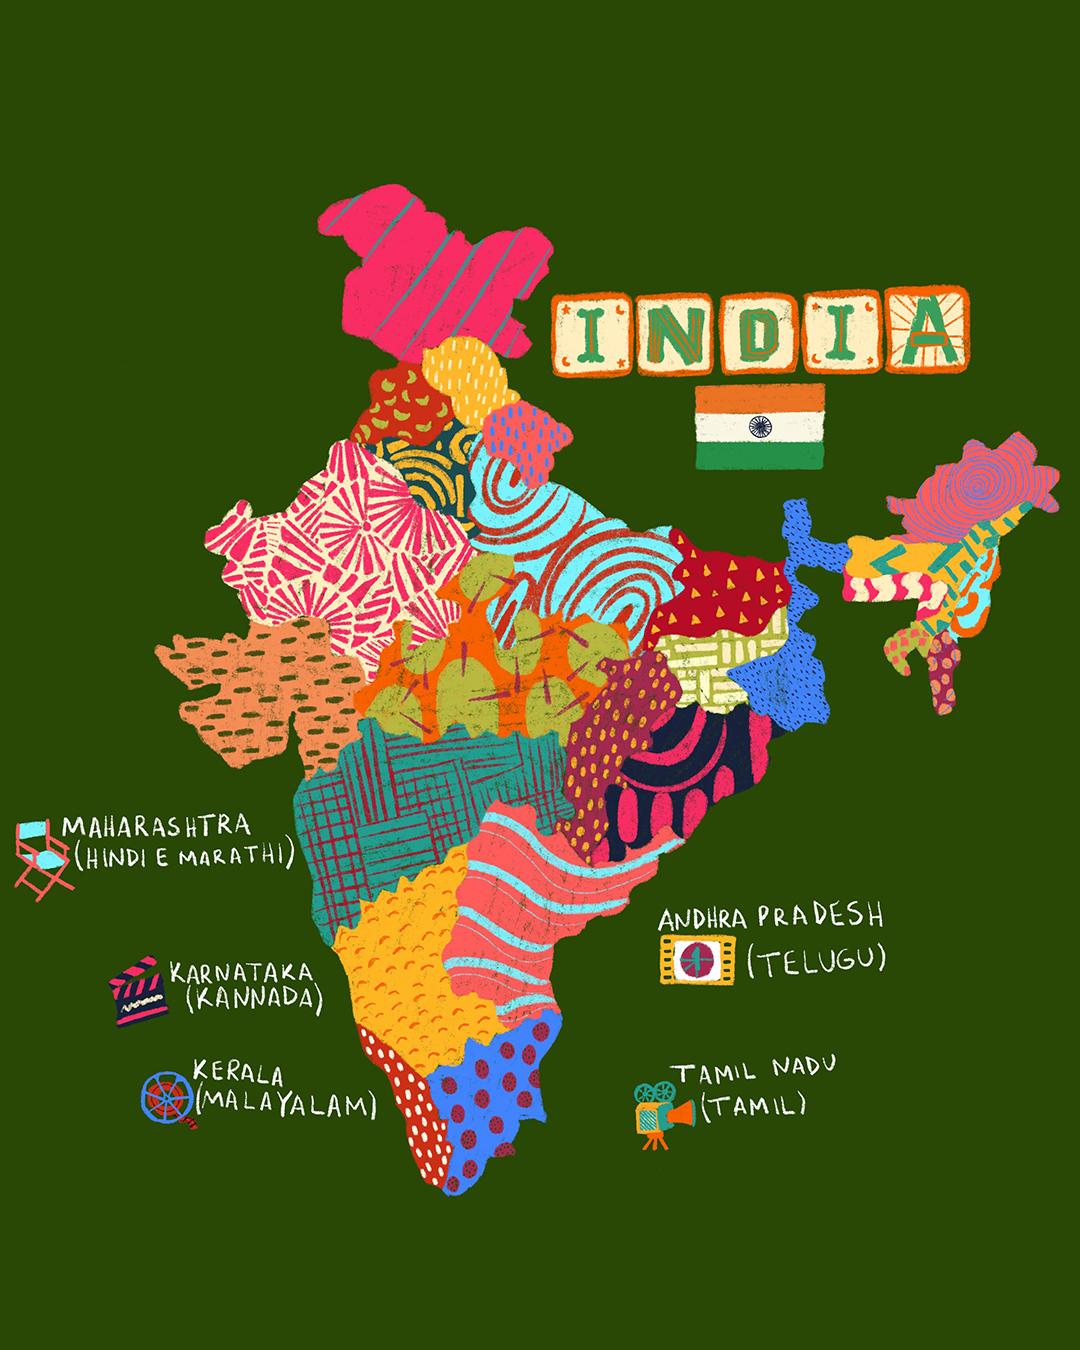 As cinco principais indústrias cinematográficas indianas e onda elas estão localizadas no país –